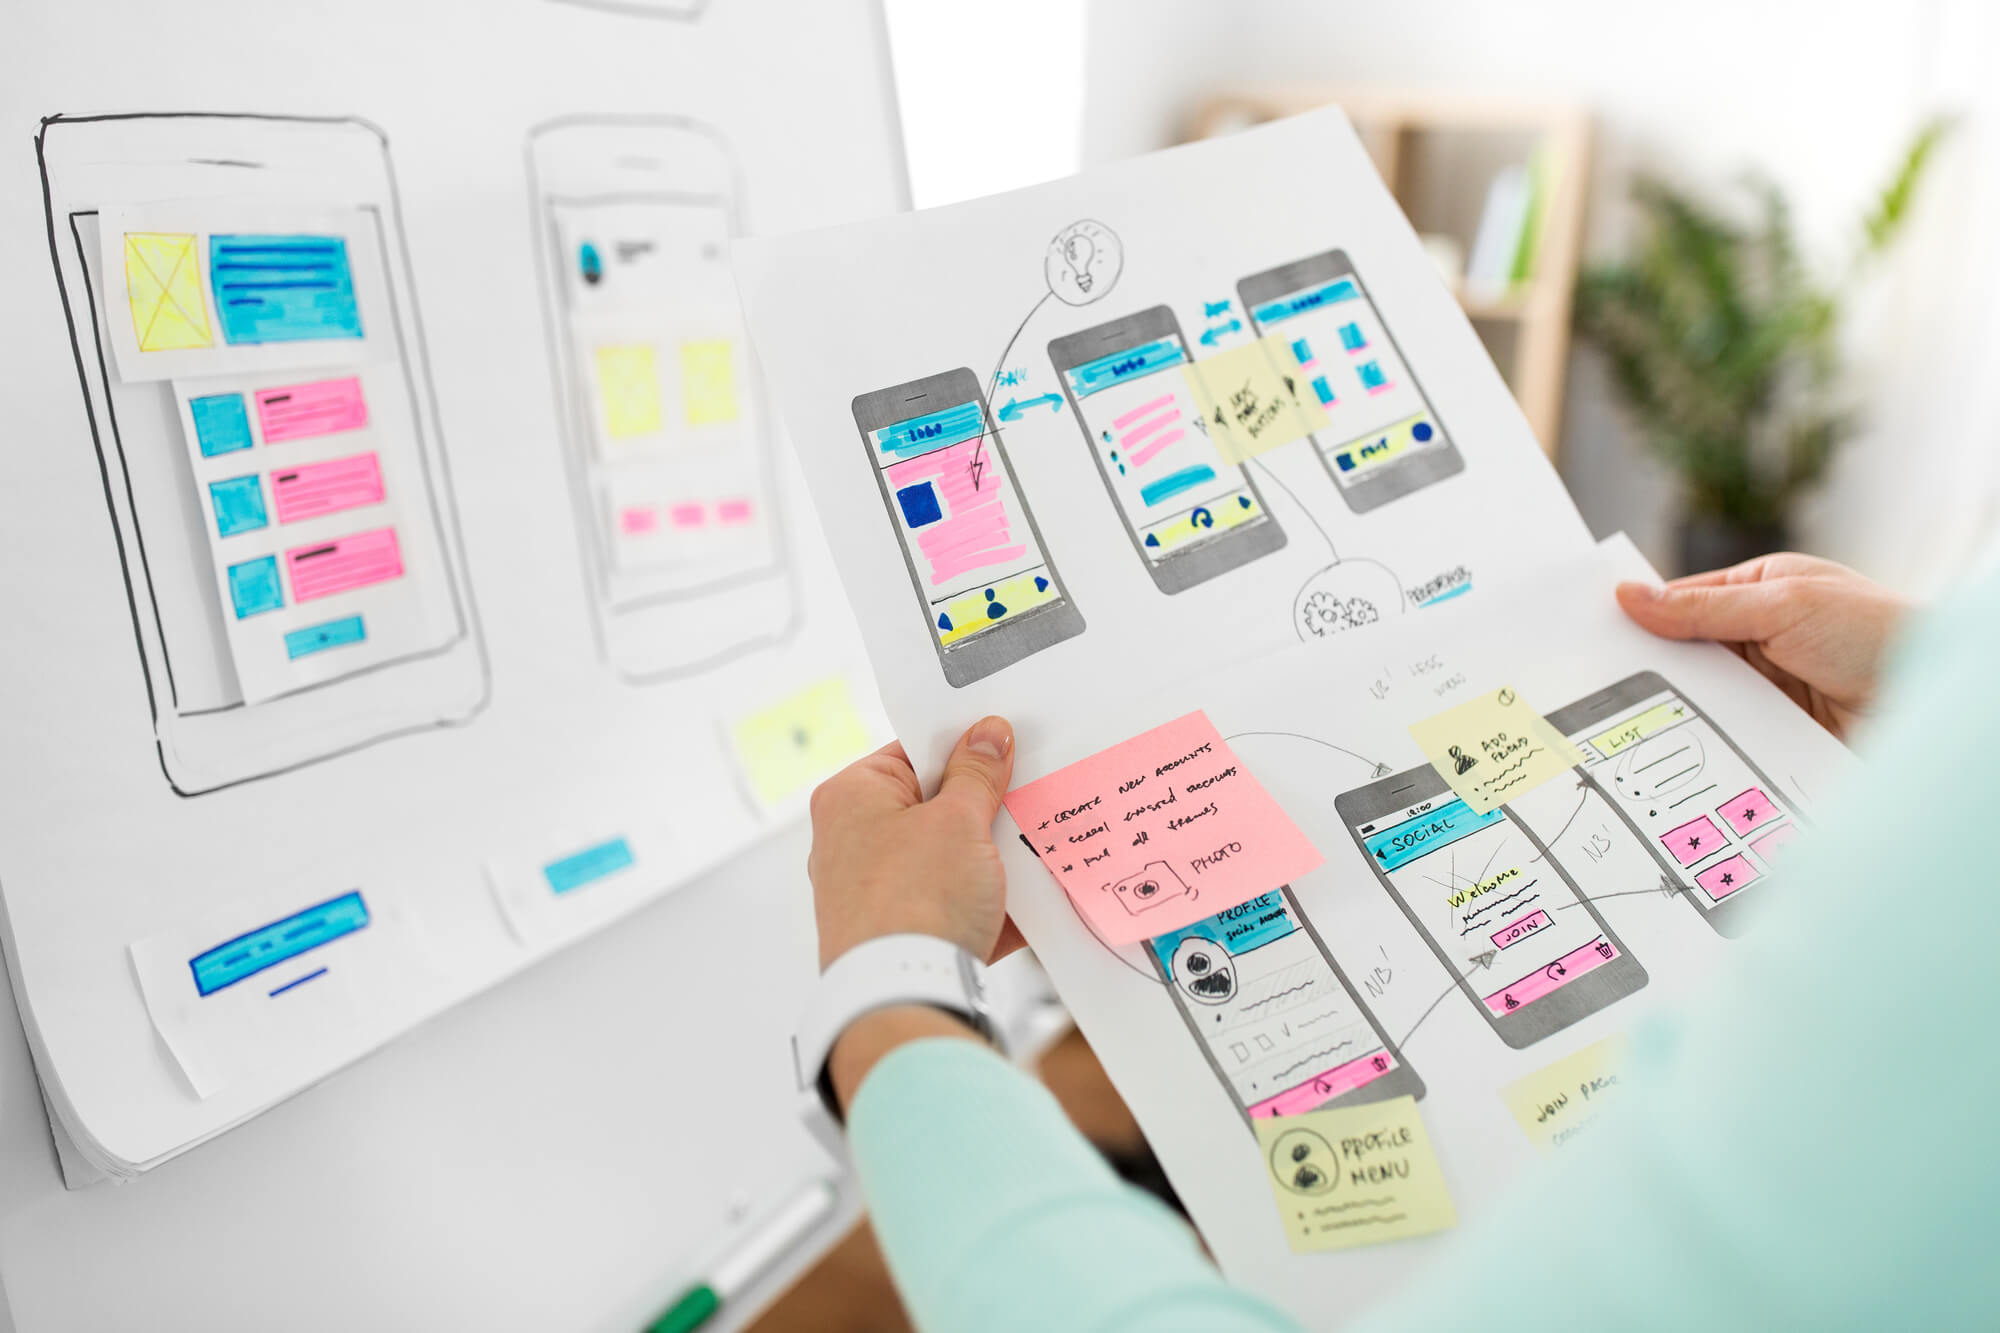 Conheça agora as 6 principais etapas de desenvolvimento de aplicativos